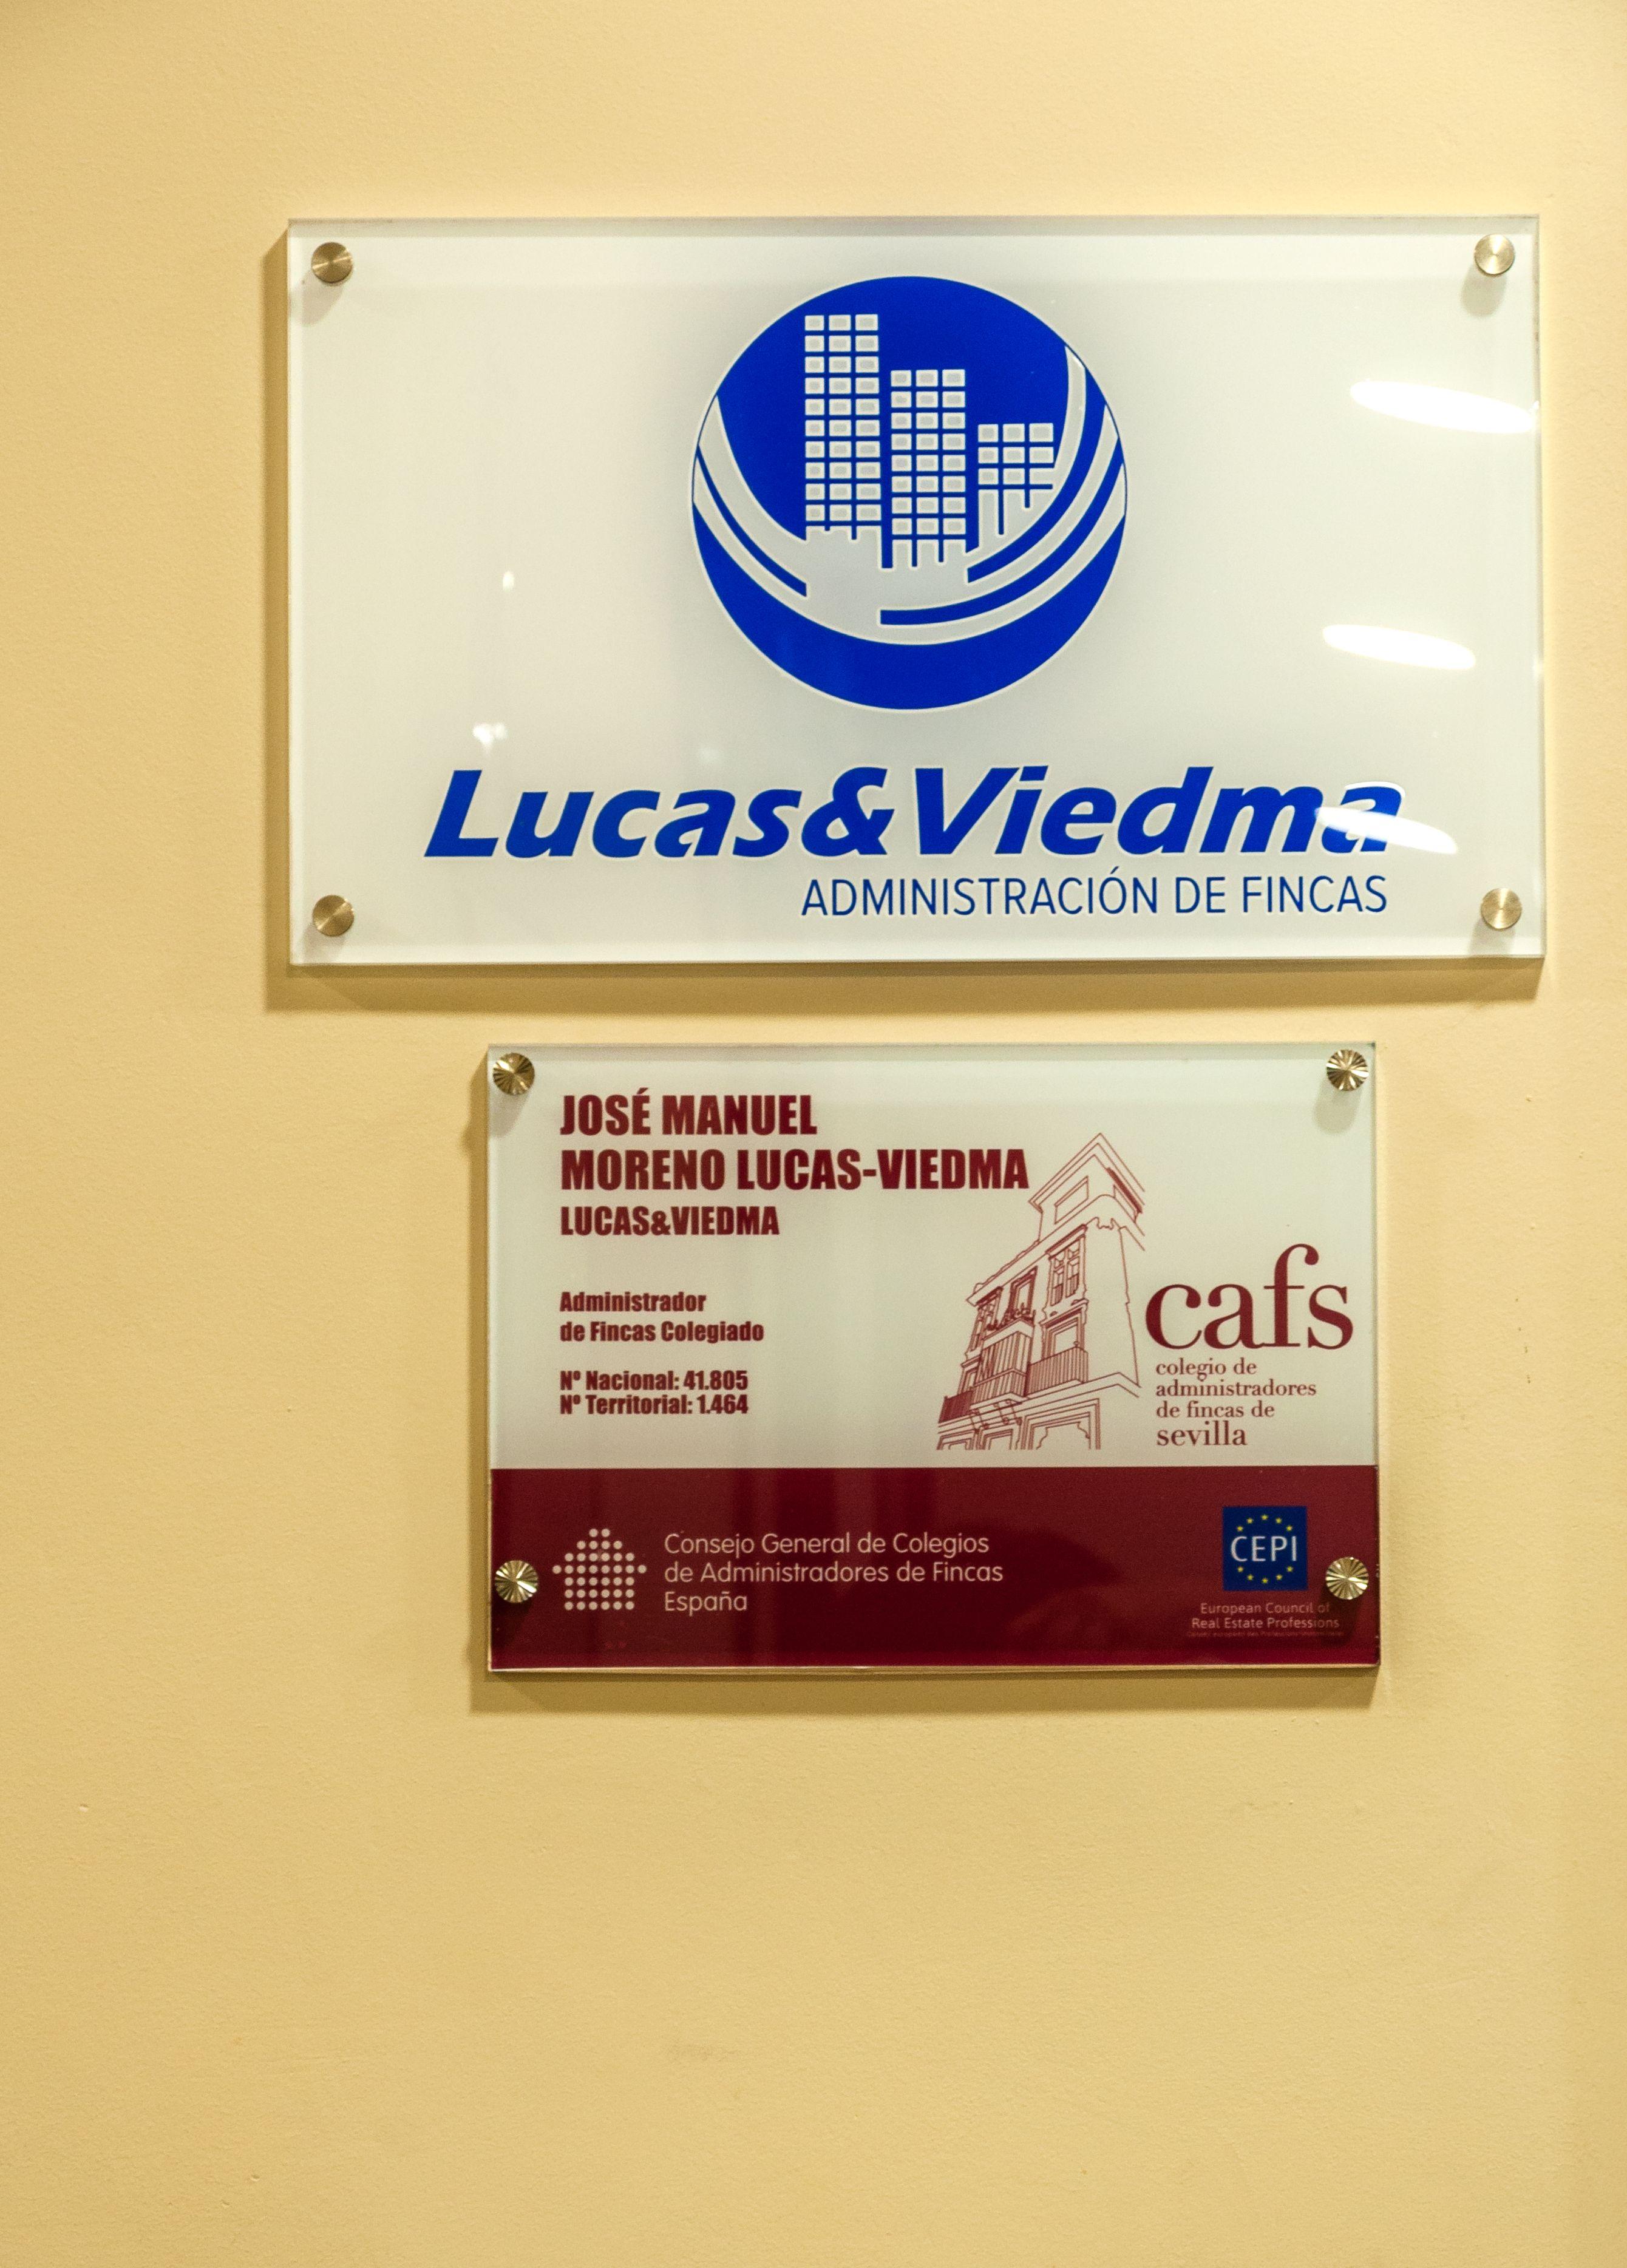 Expertos en administración de fincas en Sevilla y Cádiz